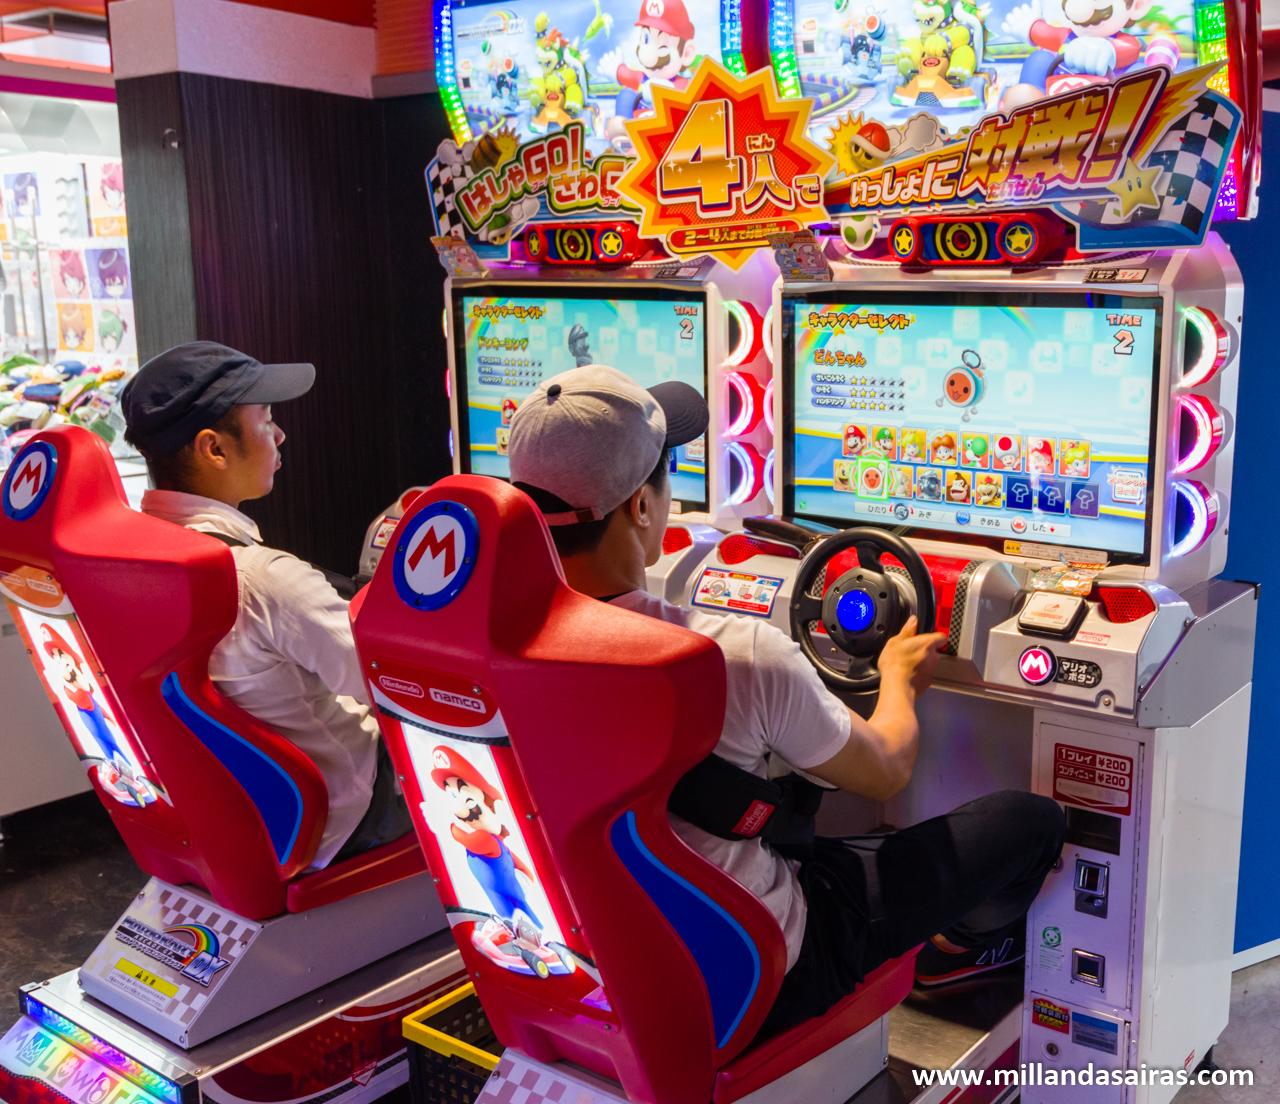 Partida de Mario Kart en los recreativos de Akihabara, Tokyo